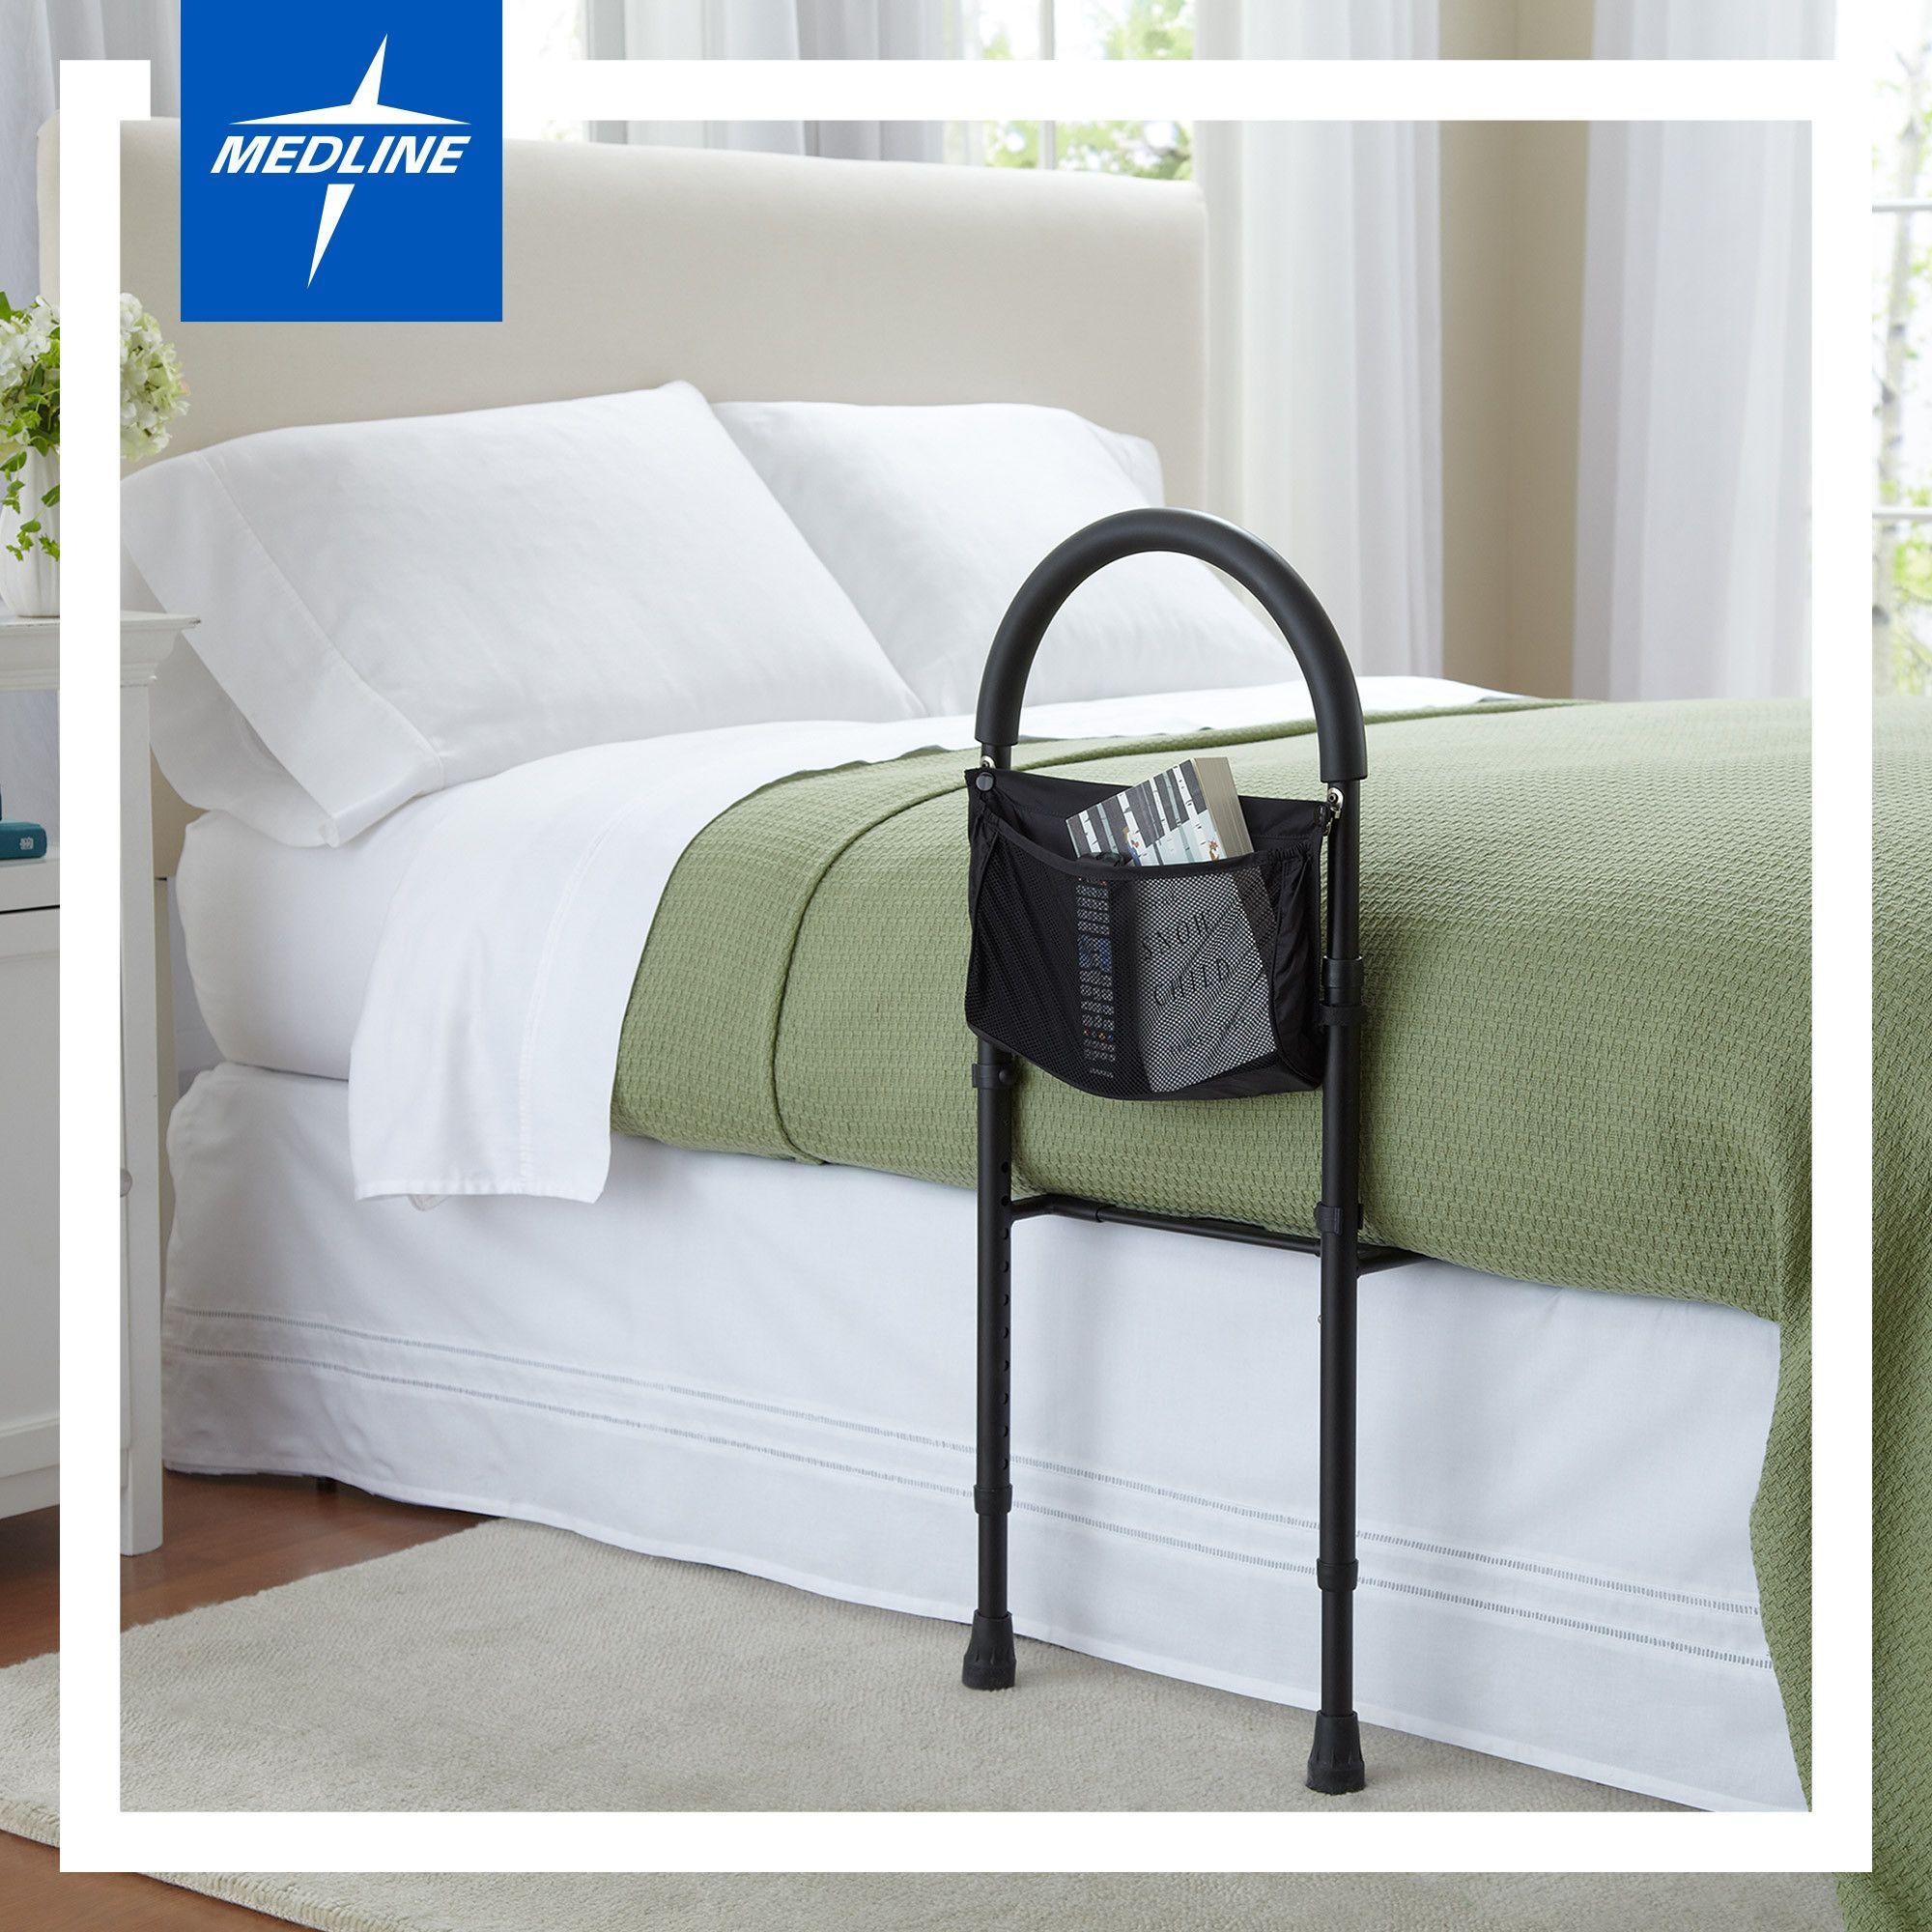 Bed Assist Bar by Medline Bed rails, Assisted living decor